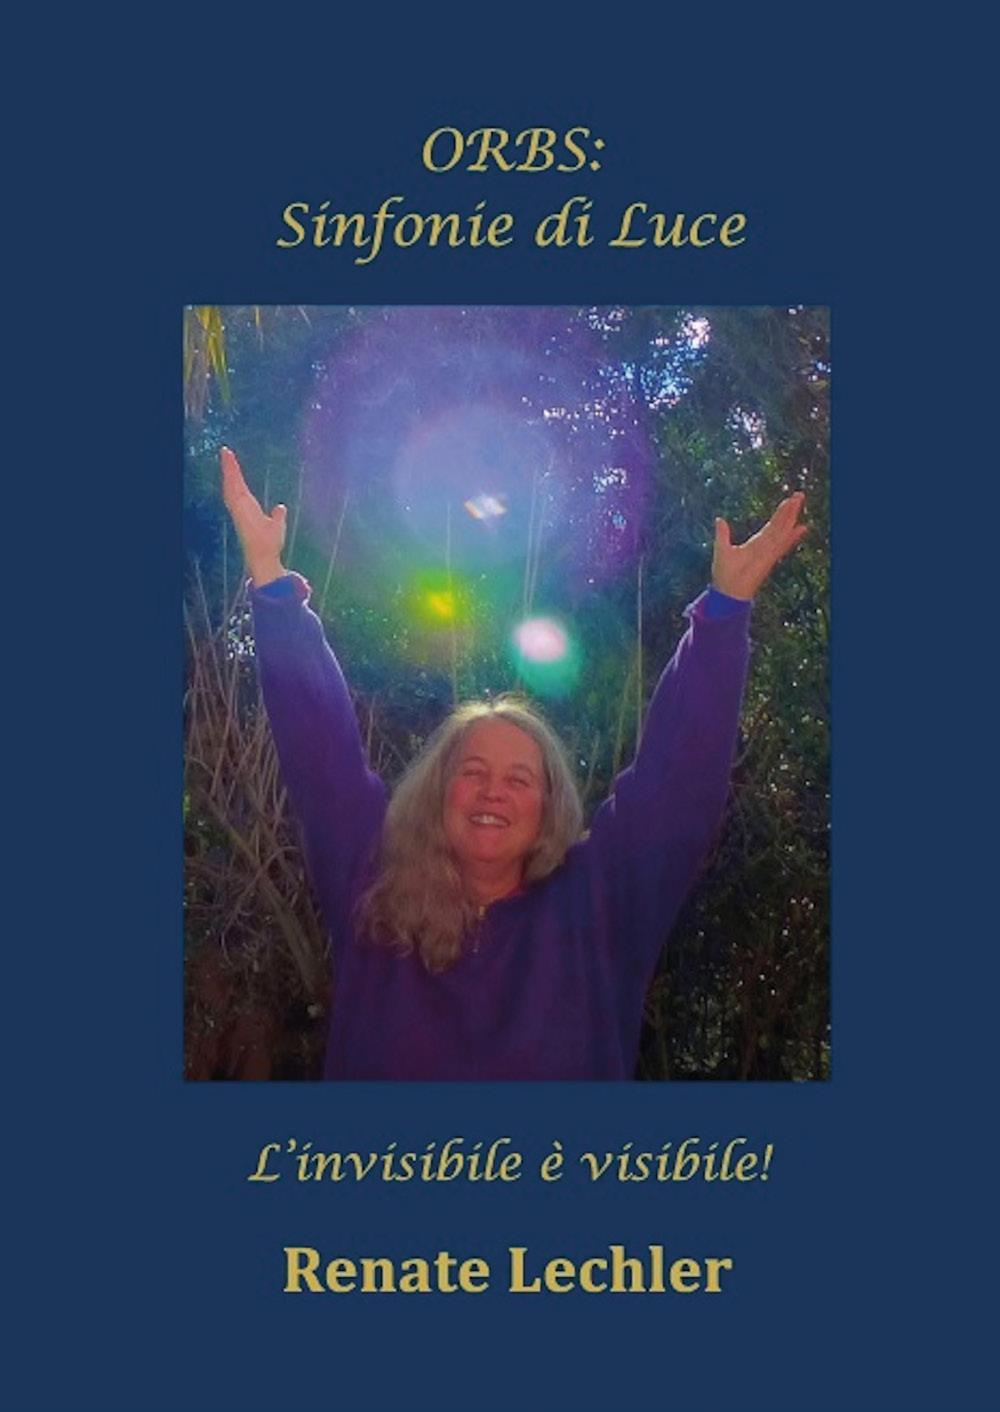 ORBS: Sinfonie di Luce